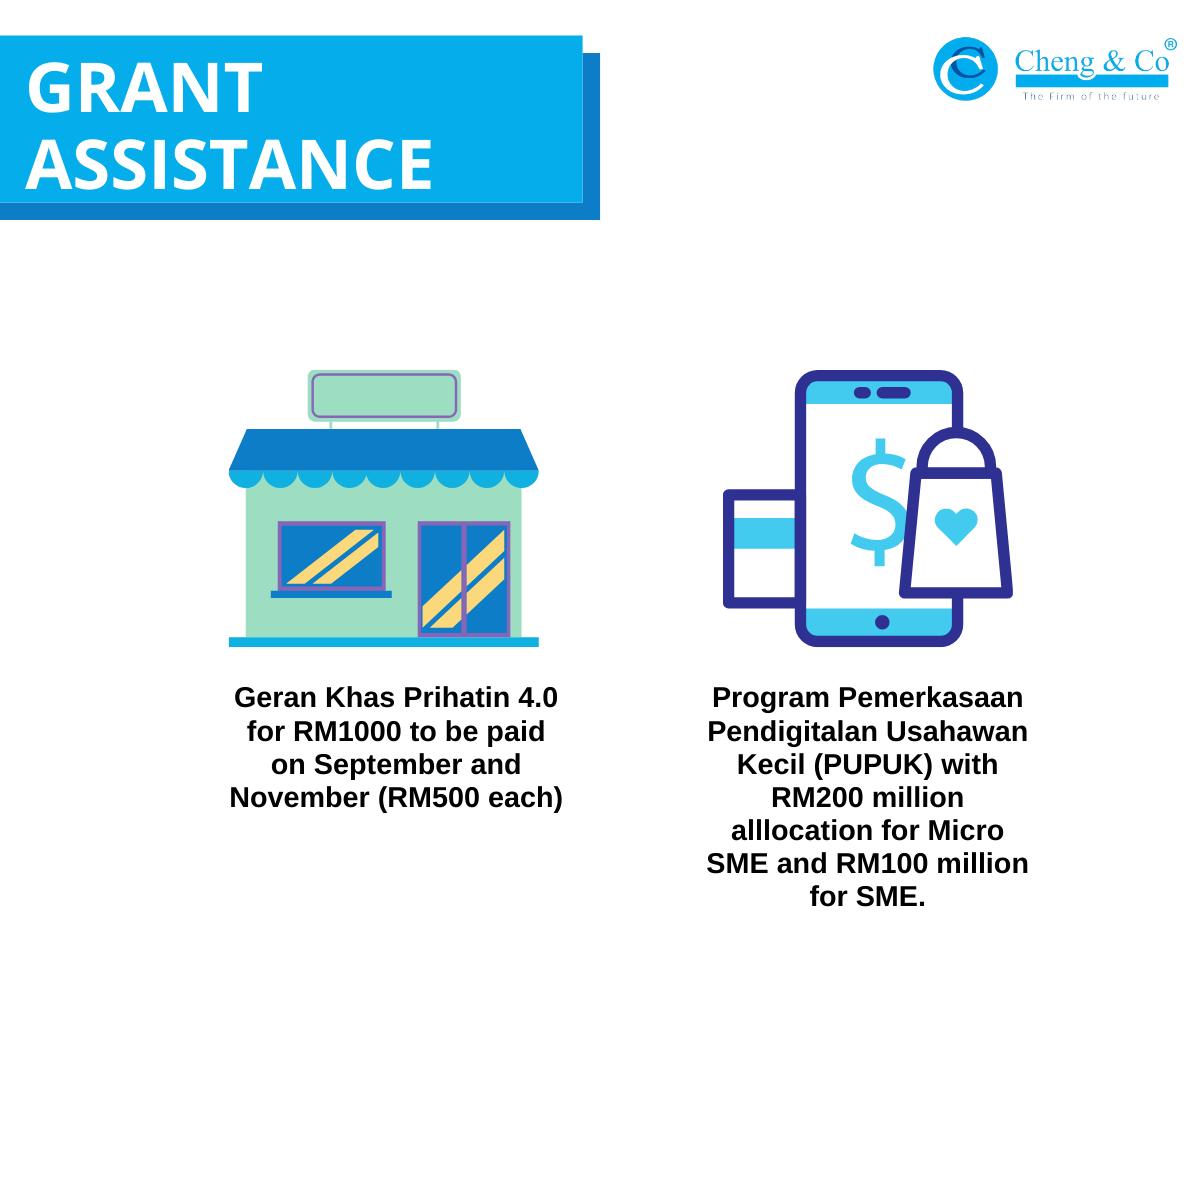 PEMULIH Grant Assistance